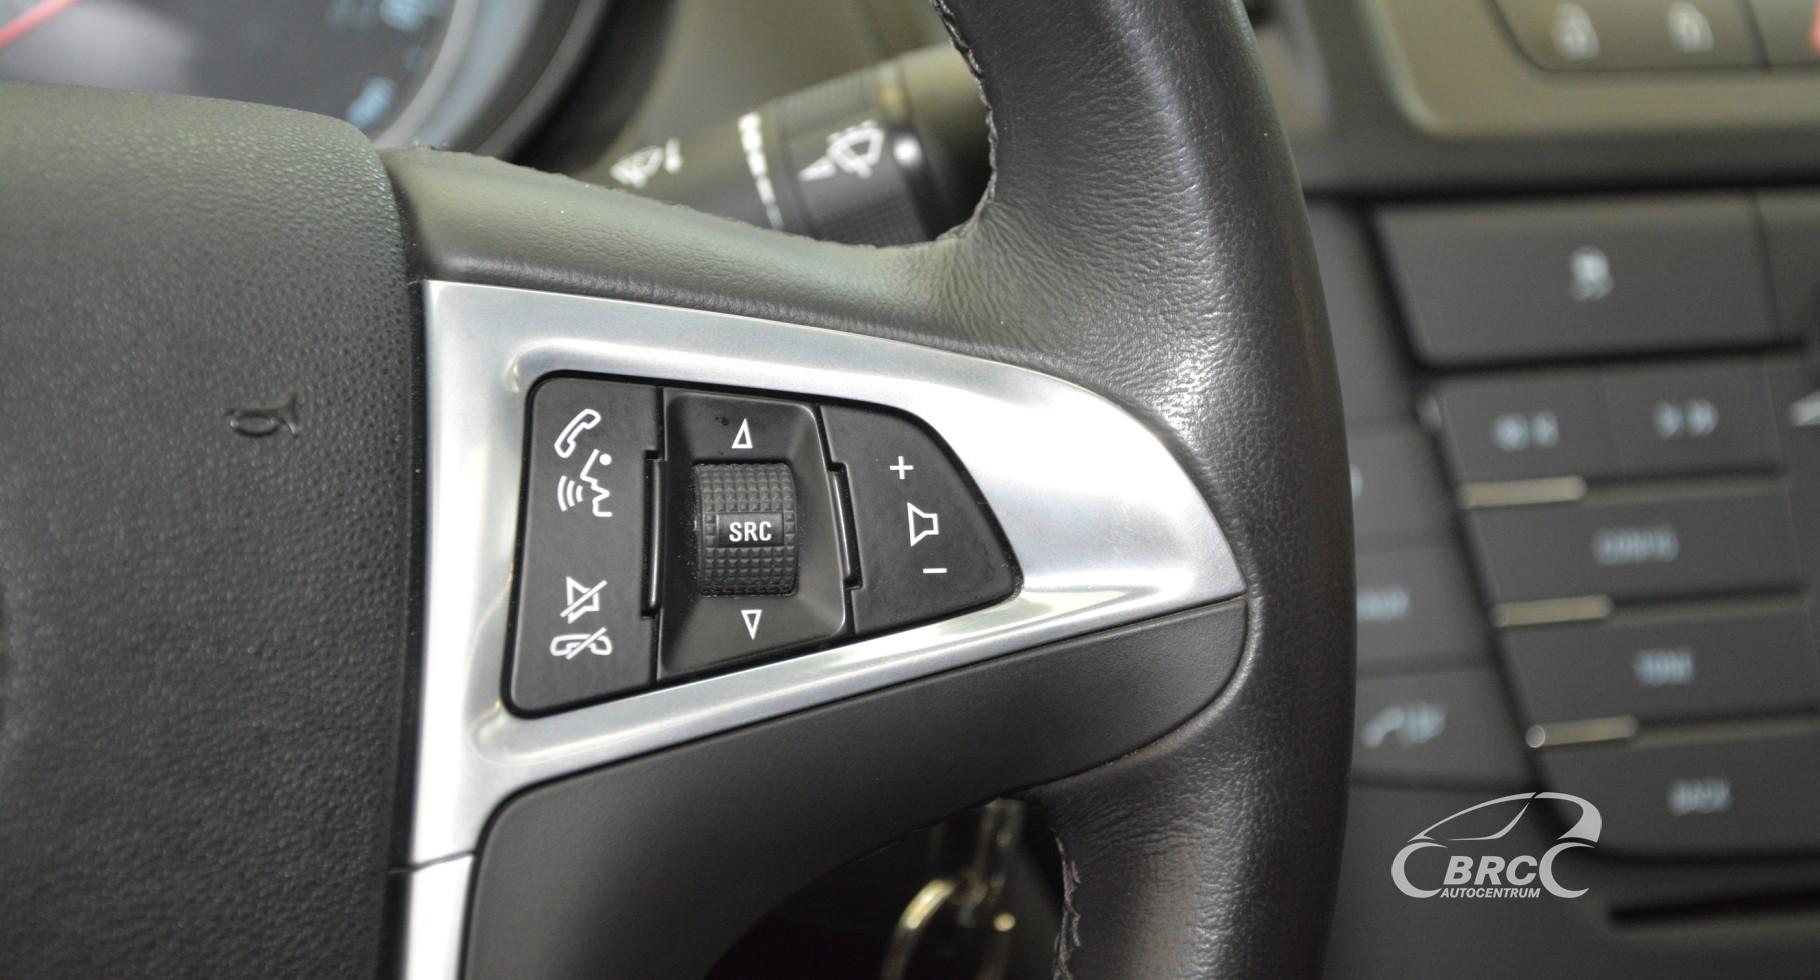 Buick Regal 2.4i CXL Automatas